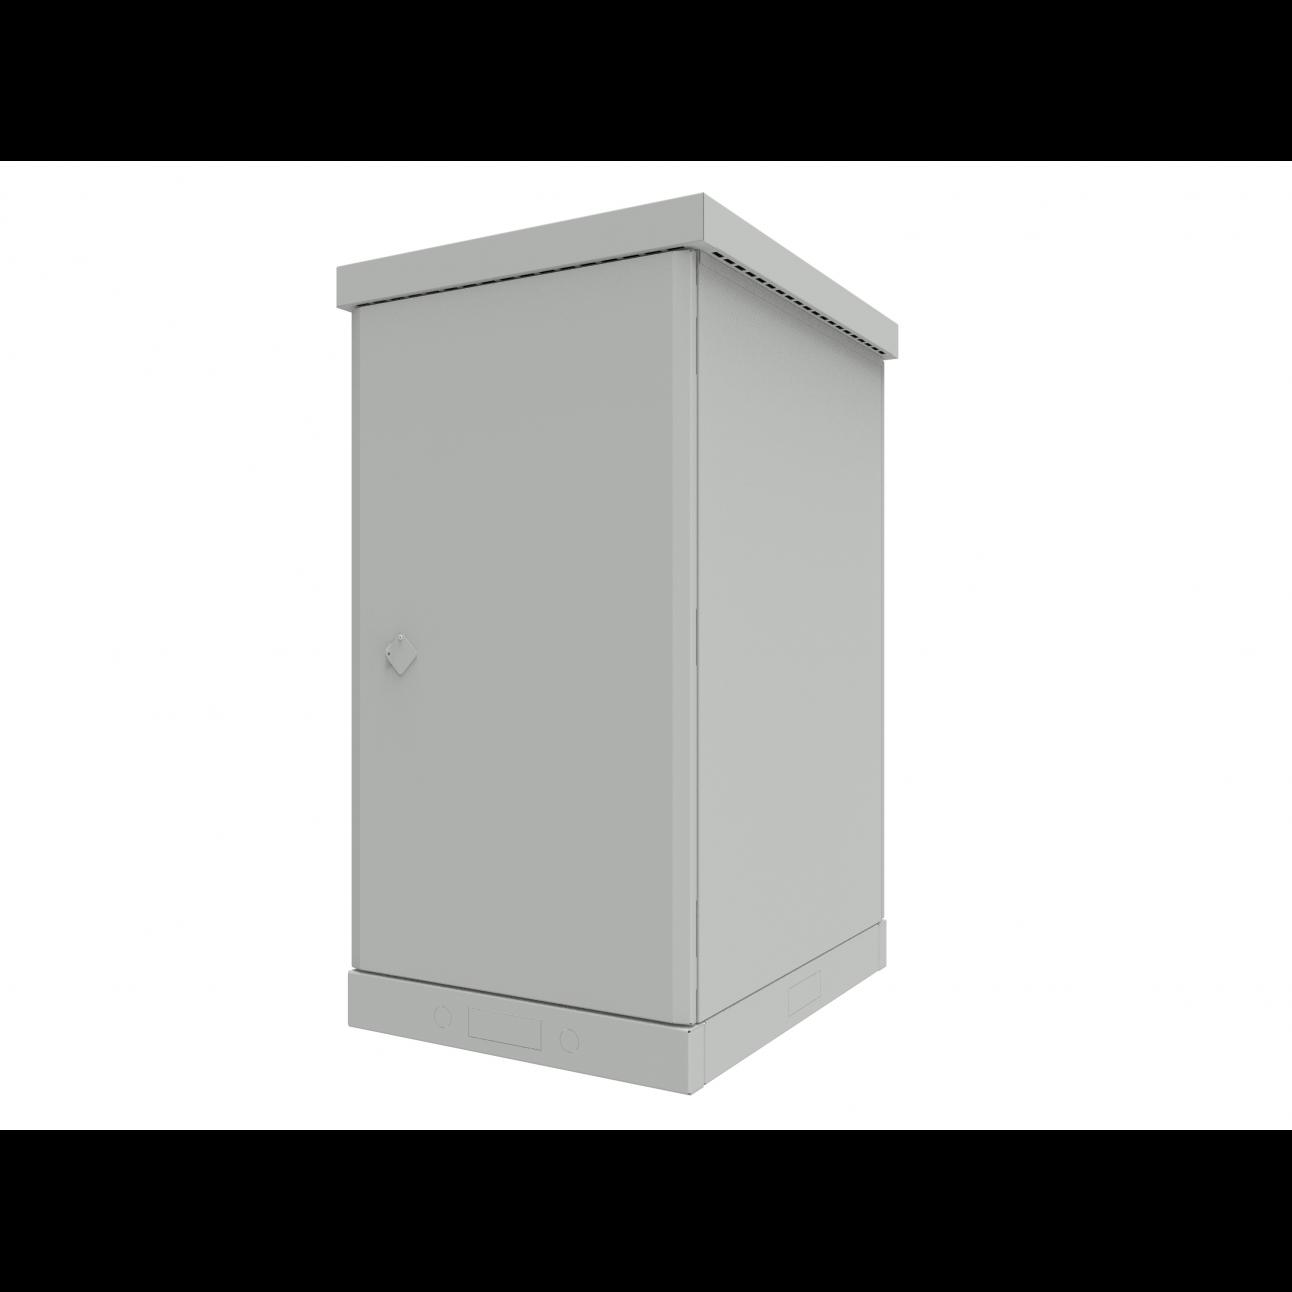 Шкаф климатический 33U, укомплектованный, тип 2